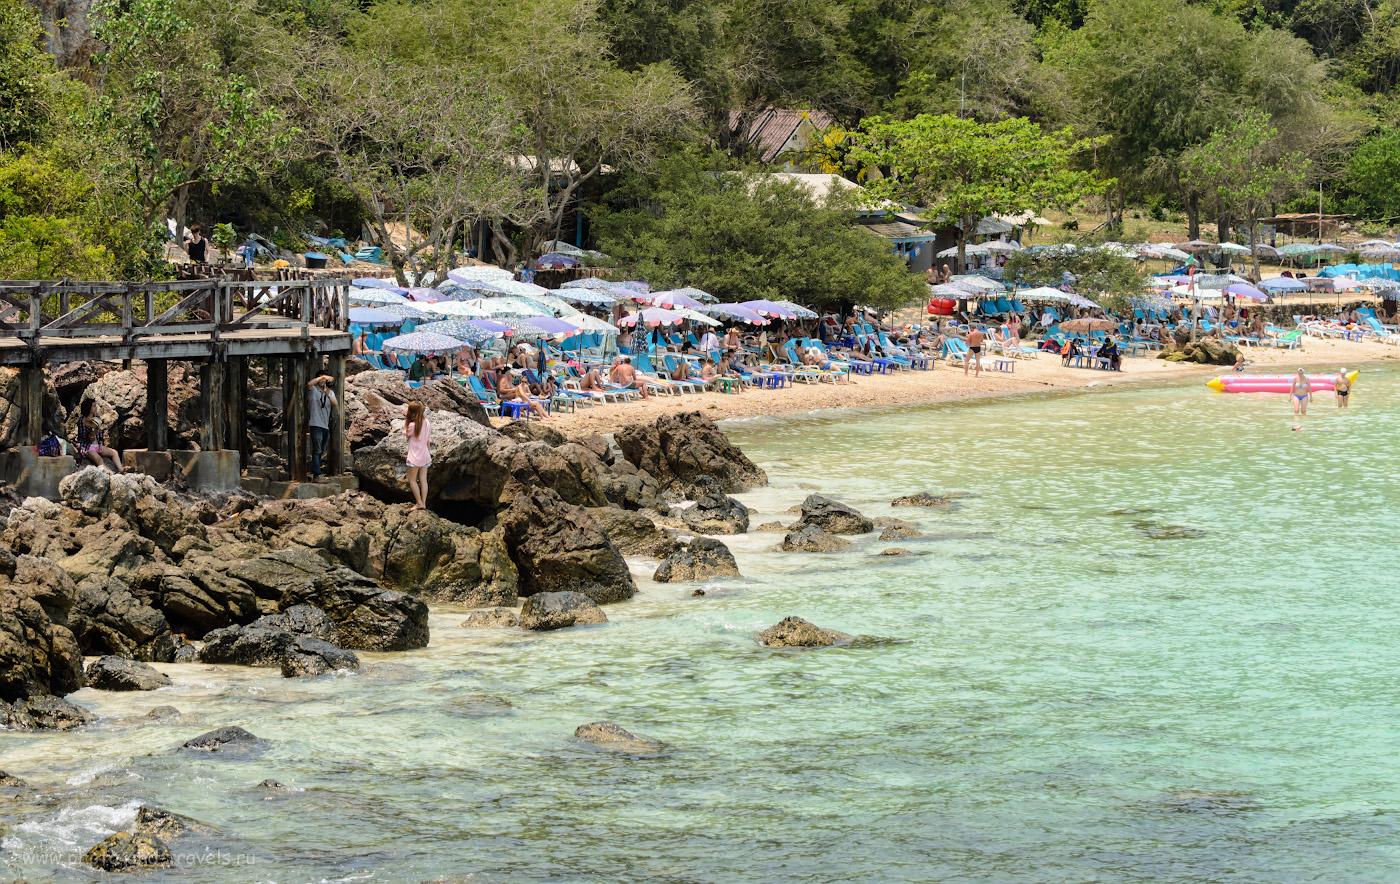 10. Пляж у пирса Tawaen на острове Ко Лан (Koh Larn). Стоит немного потрястись на пароме, чтобы добраться из Паттайи в такое райское место. 70-300mm, 1/500 сек, 0 eV, приоритет диафрагмы, f/4.5, 70 мм, 100